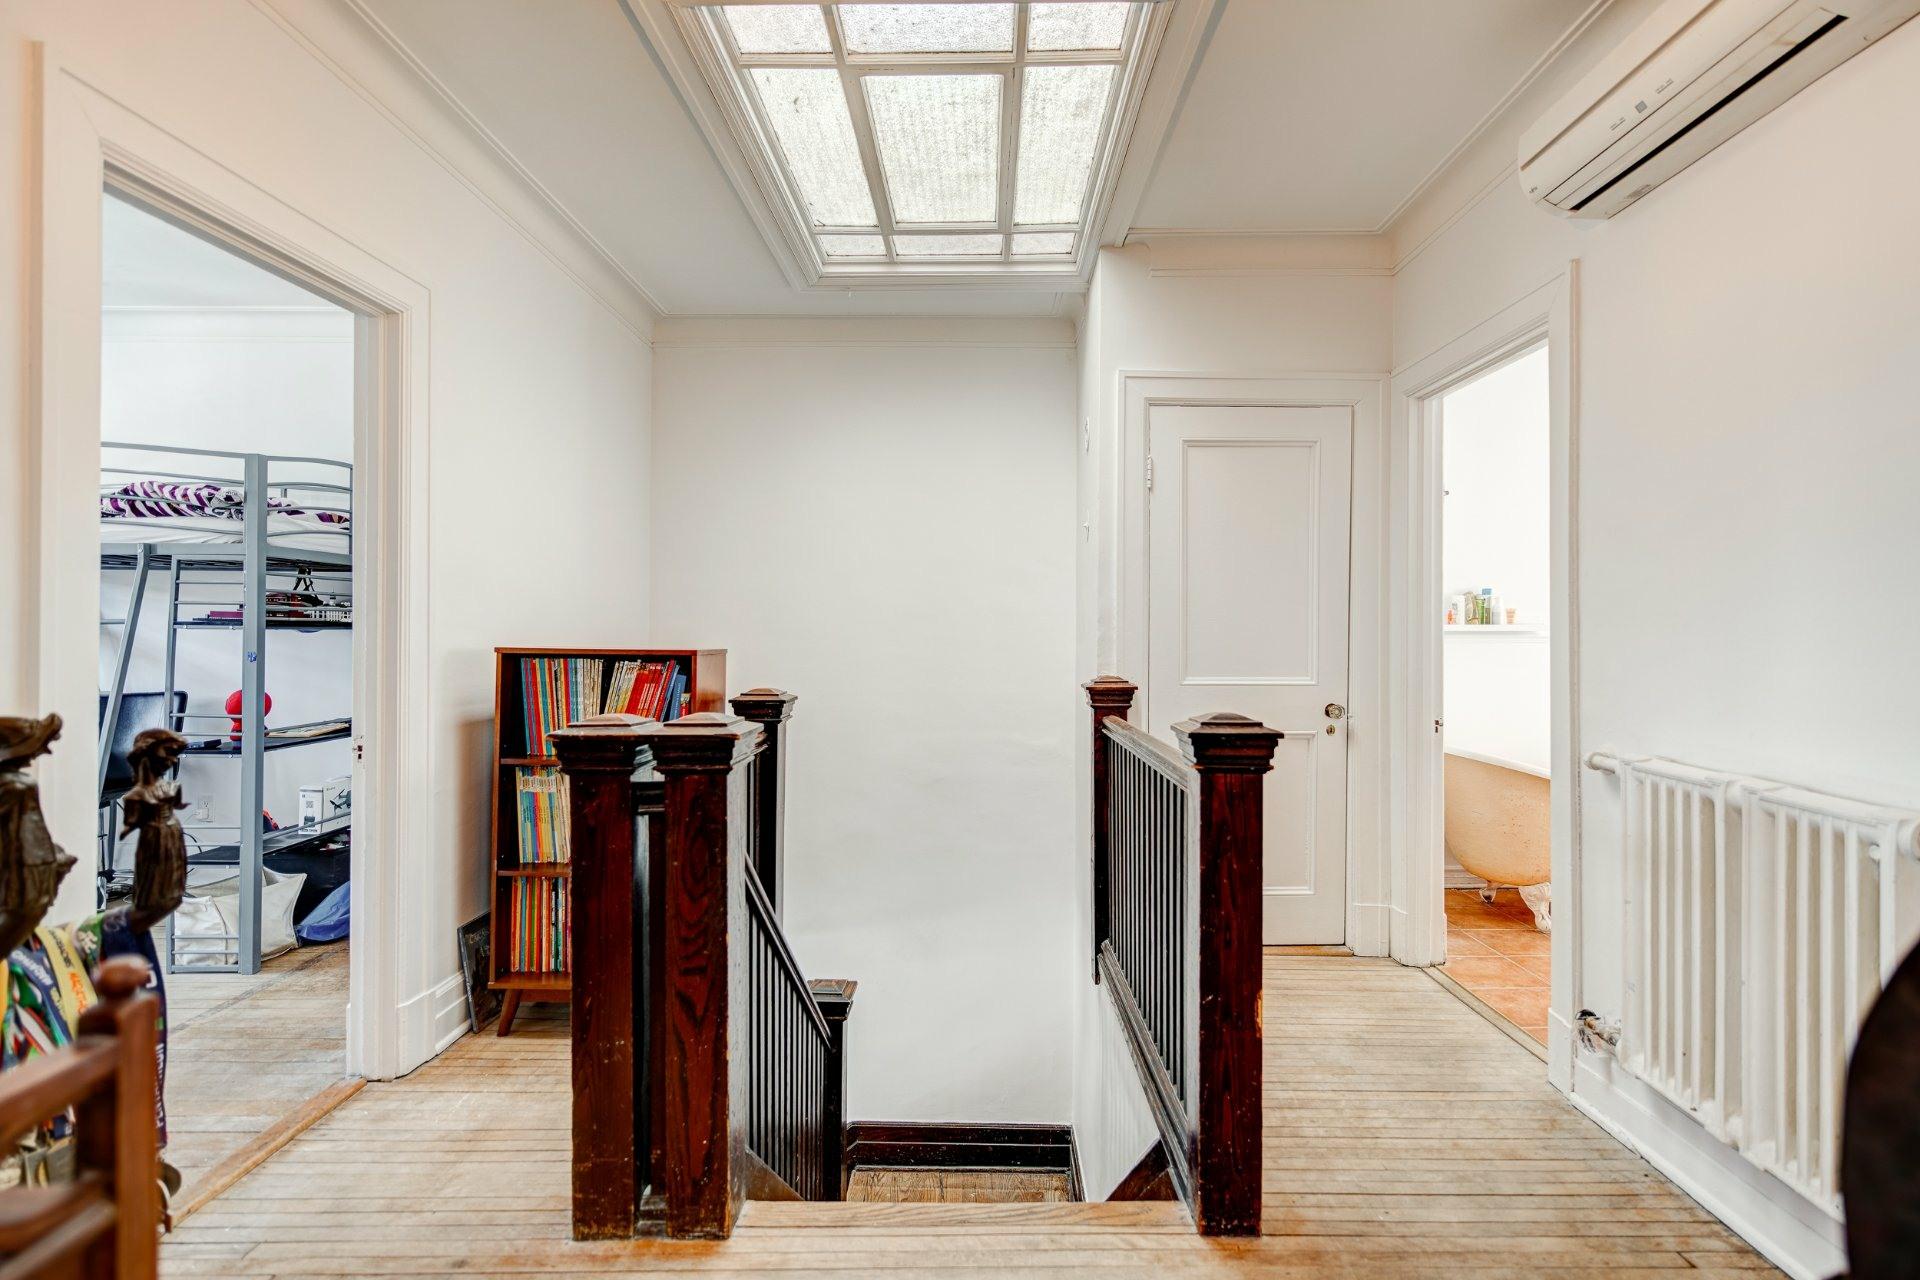 image 21 - House For sale Côte-des-Neiges/Notre-Dame-de-Grâce Montréal  - 10 rooms